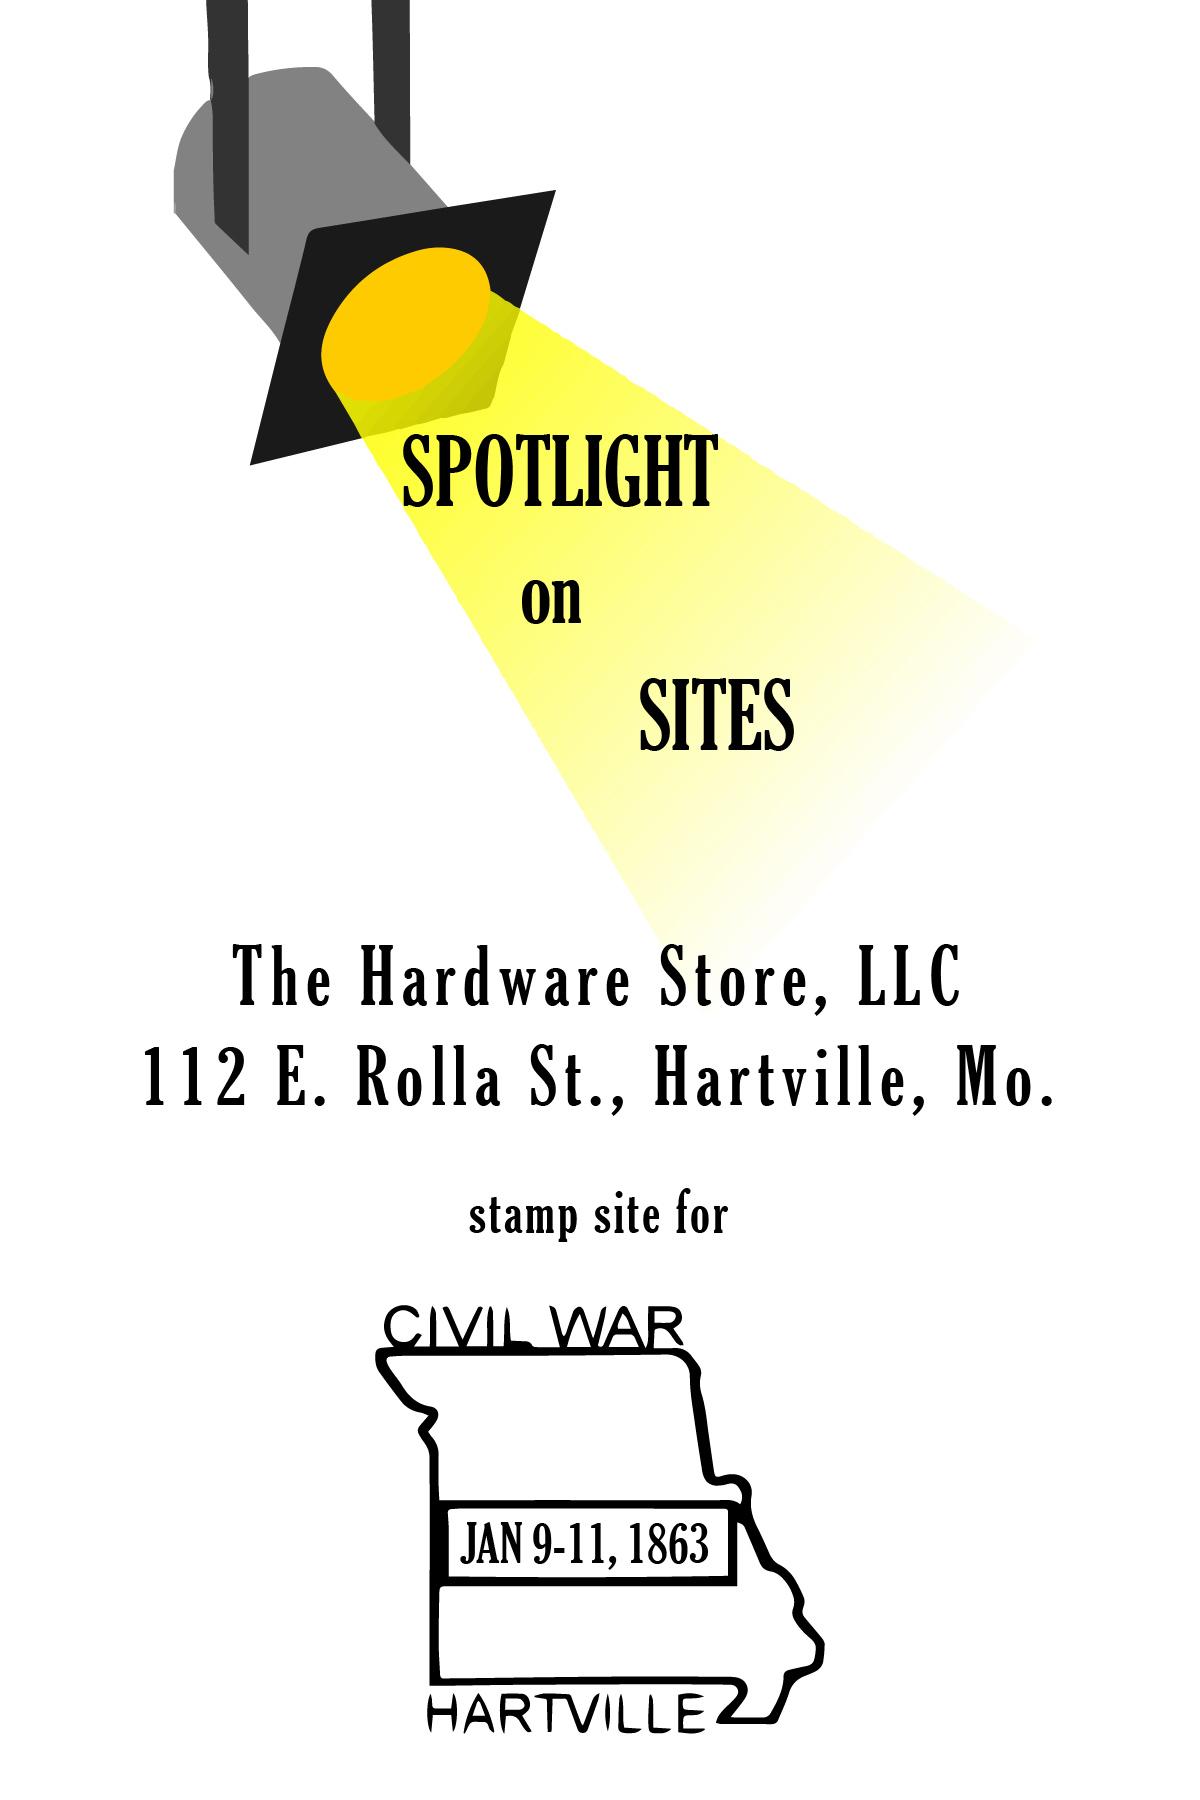 Spotlight on Hardware Store